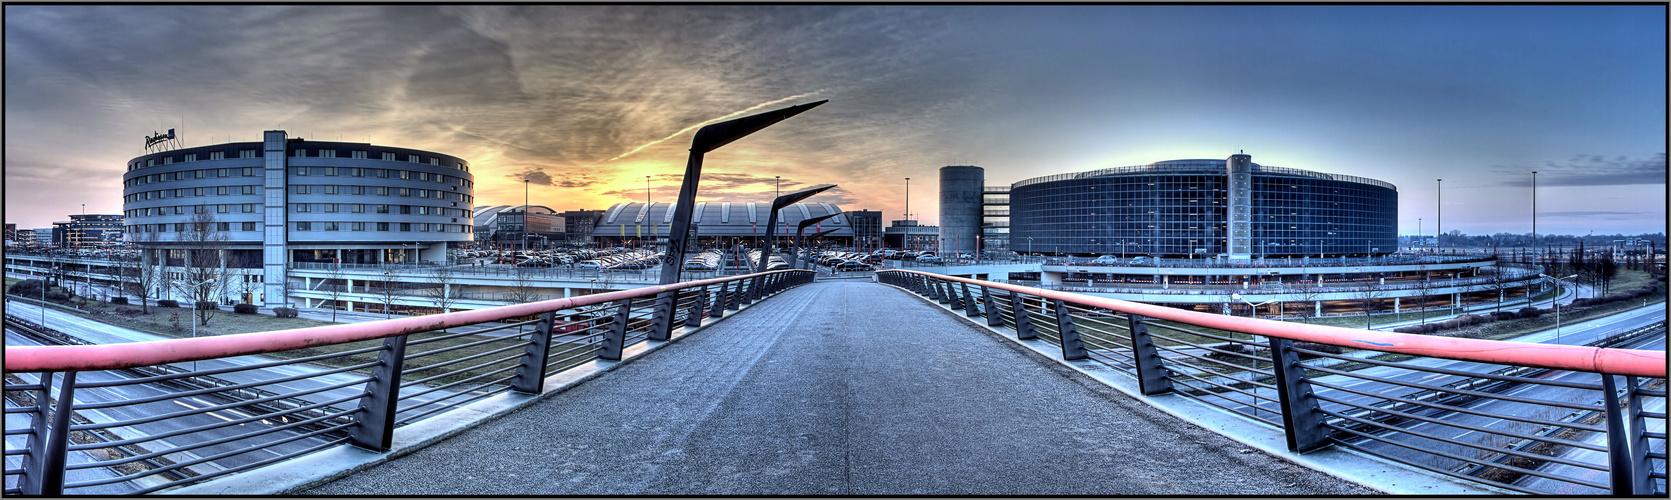 Fußgänger Brücke